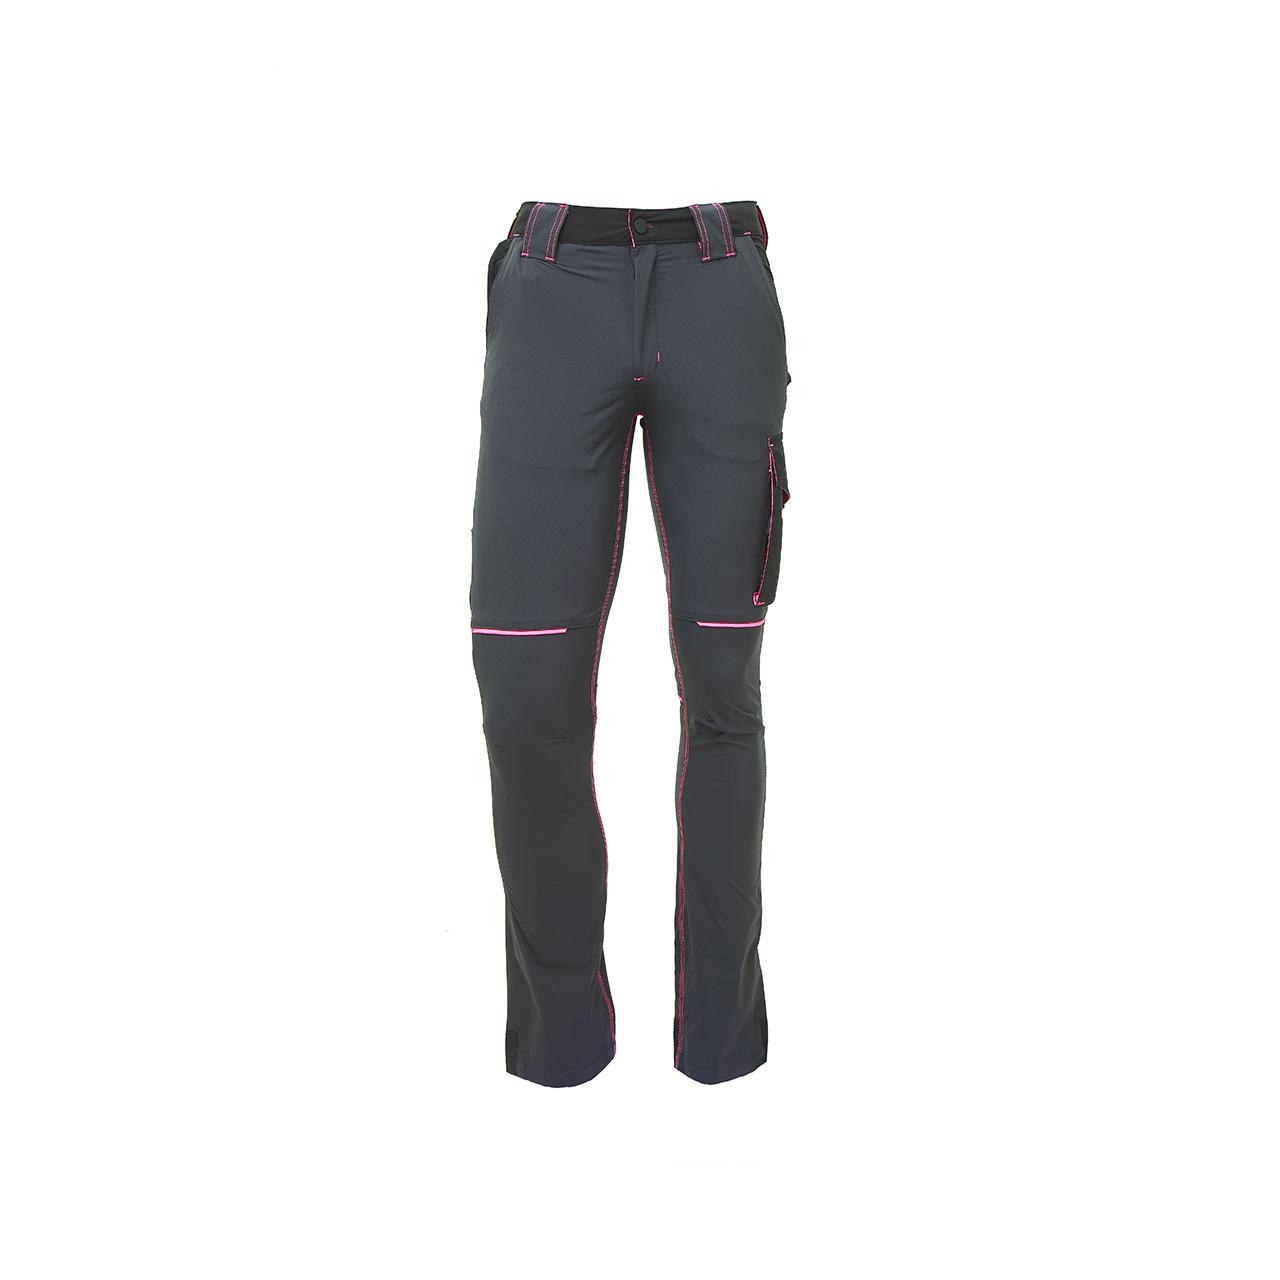 pantalone da lavoro upower modello lady world colore grey fucsia